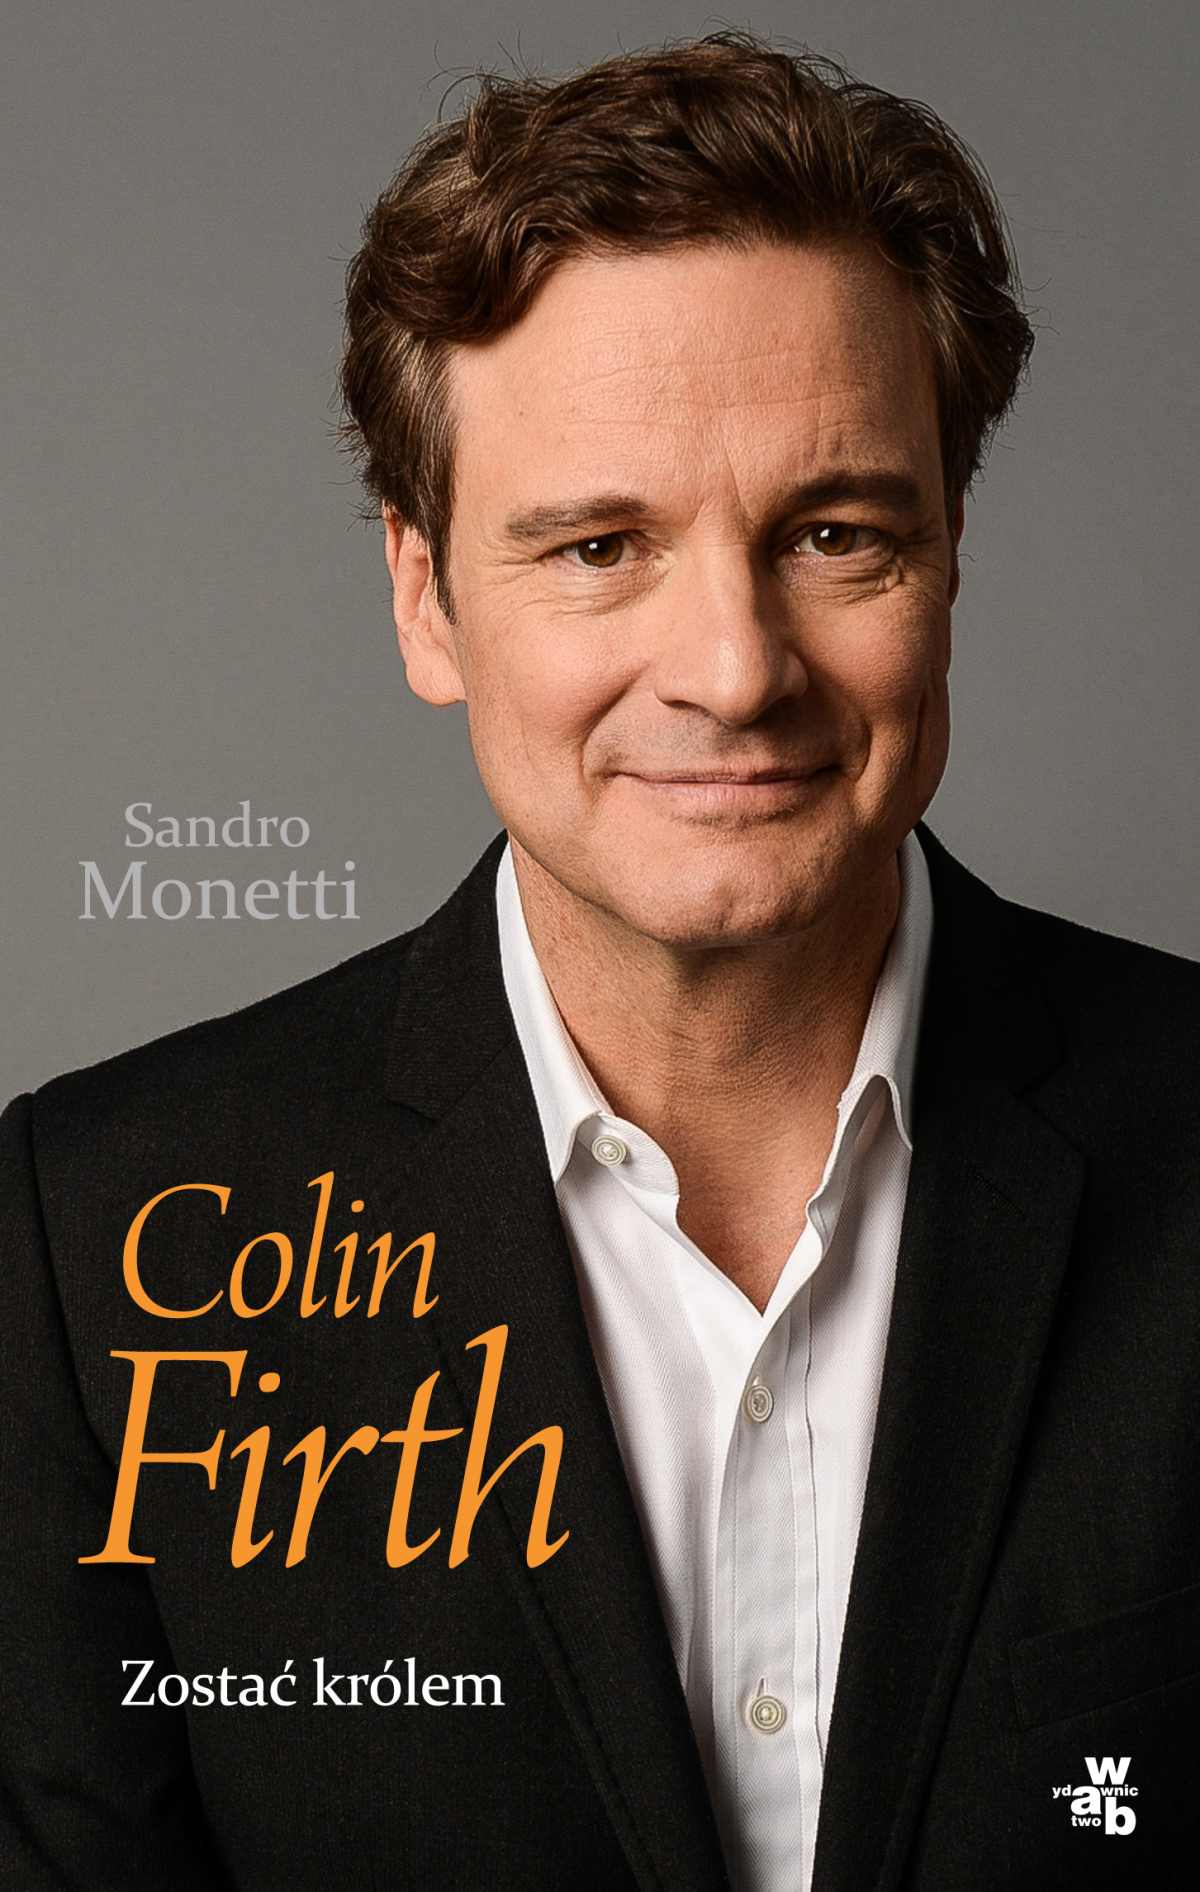 Colin Firth. Zostać królem - Ebook (Książka EPUB) do pobrania w formacie EPUB